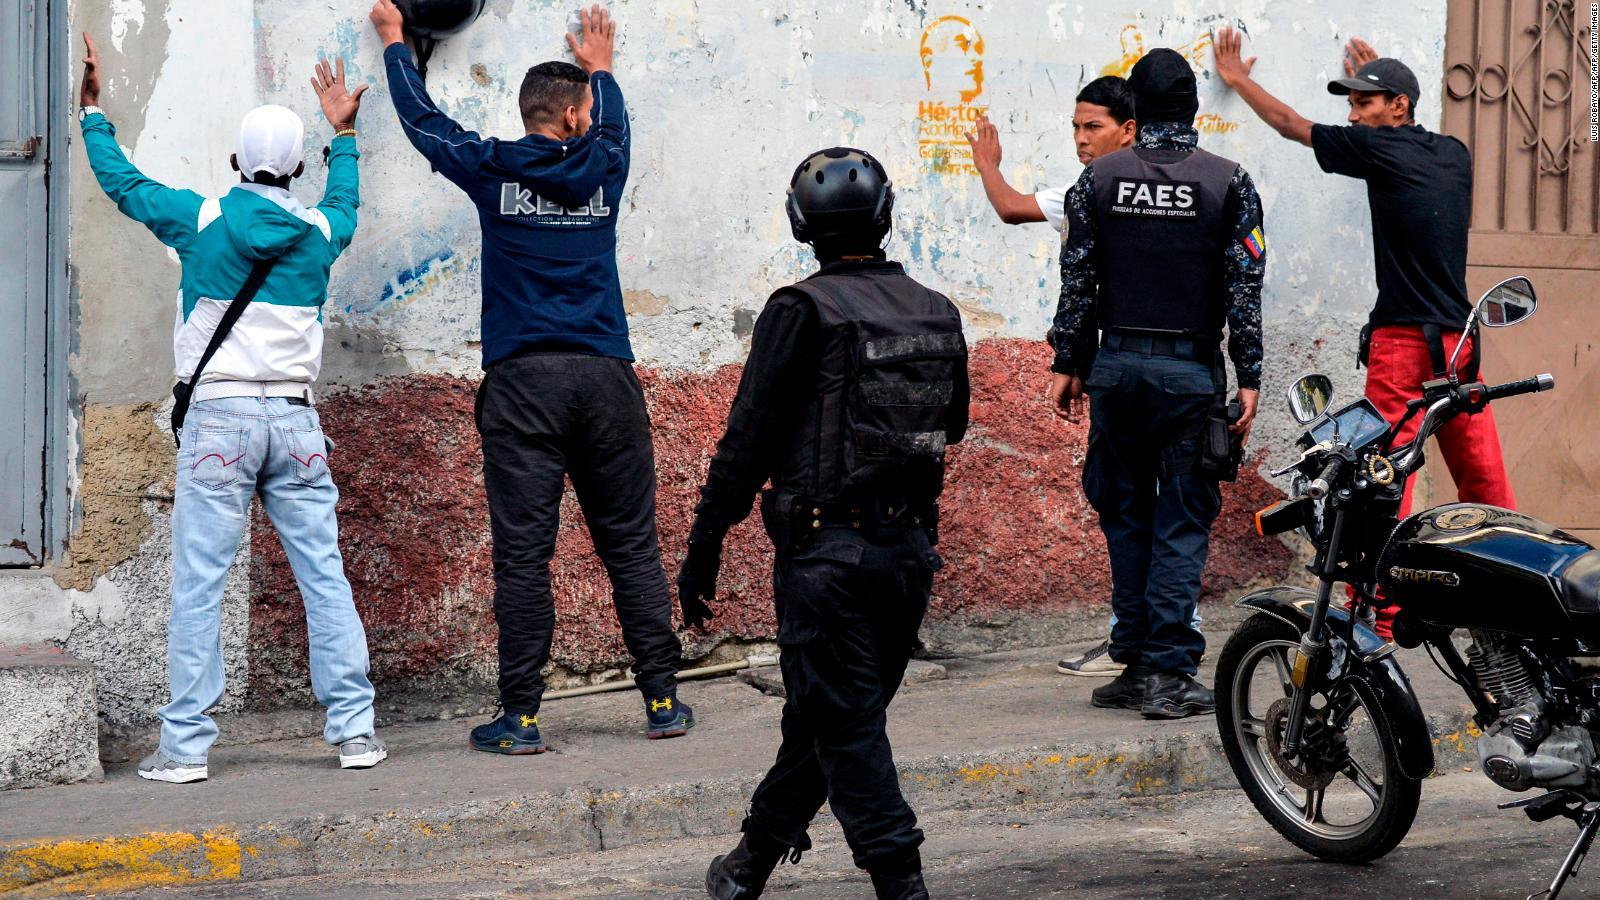 ONU: 850 detenidos en Venezuela desde el 23 de enero